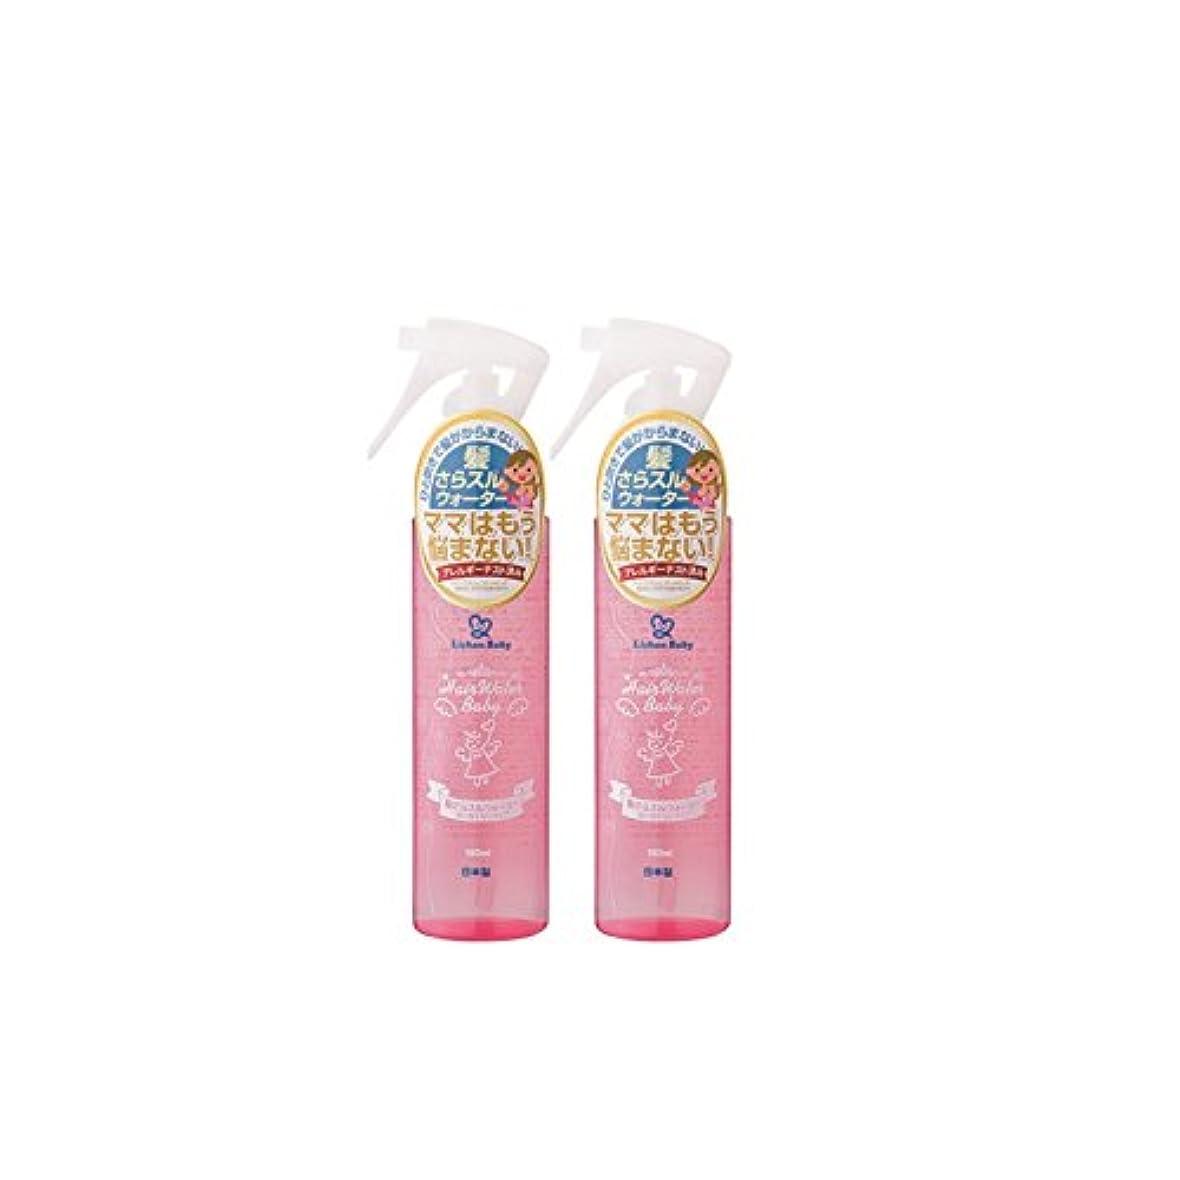 ロマンチック悪用唇リシャンベビー 髪さらスルウォーター 幼児用 (フローラルの香り) 150mL 2本セット